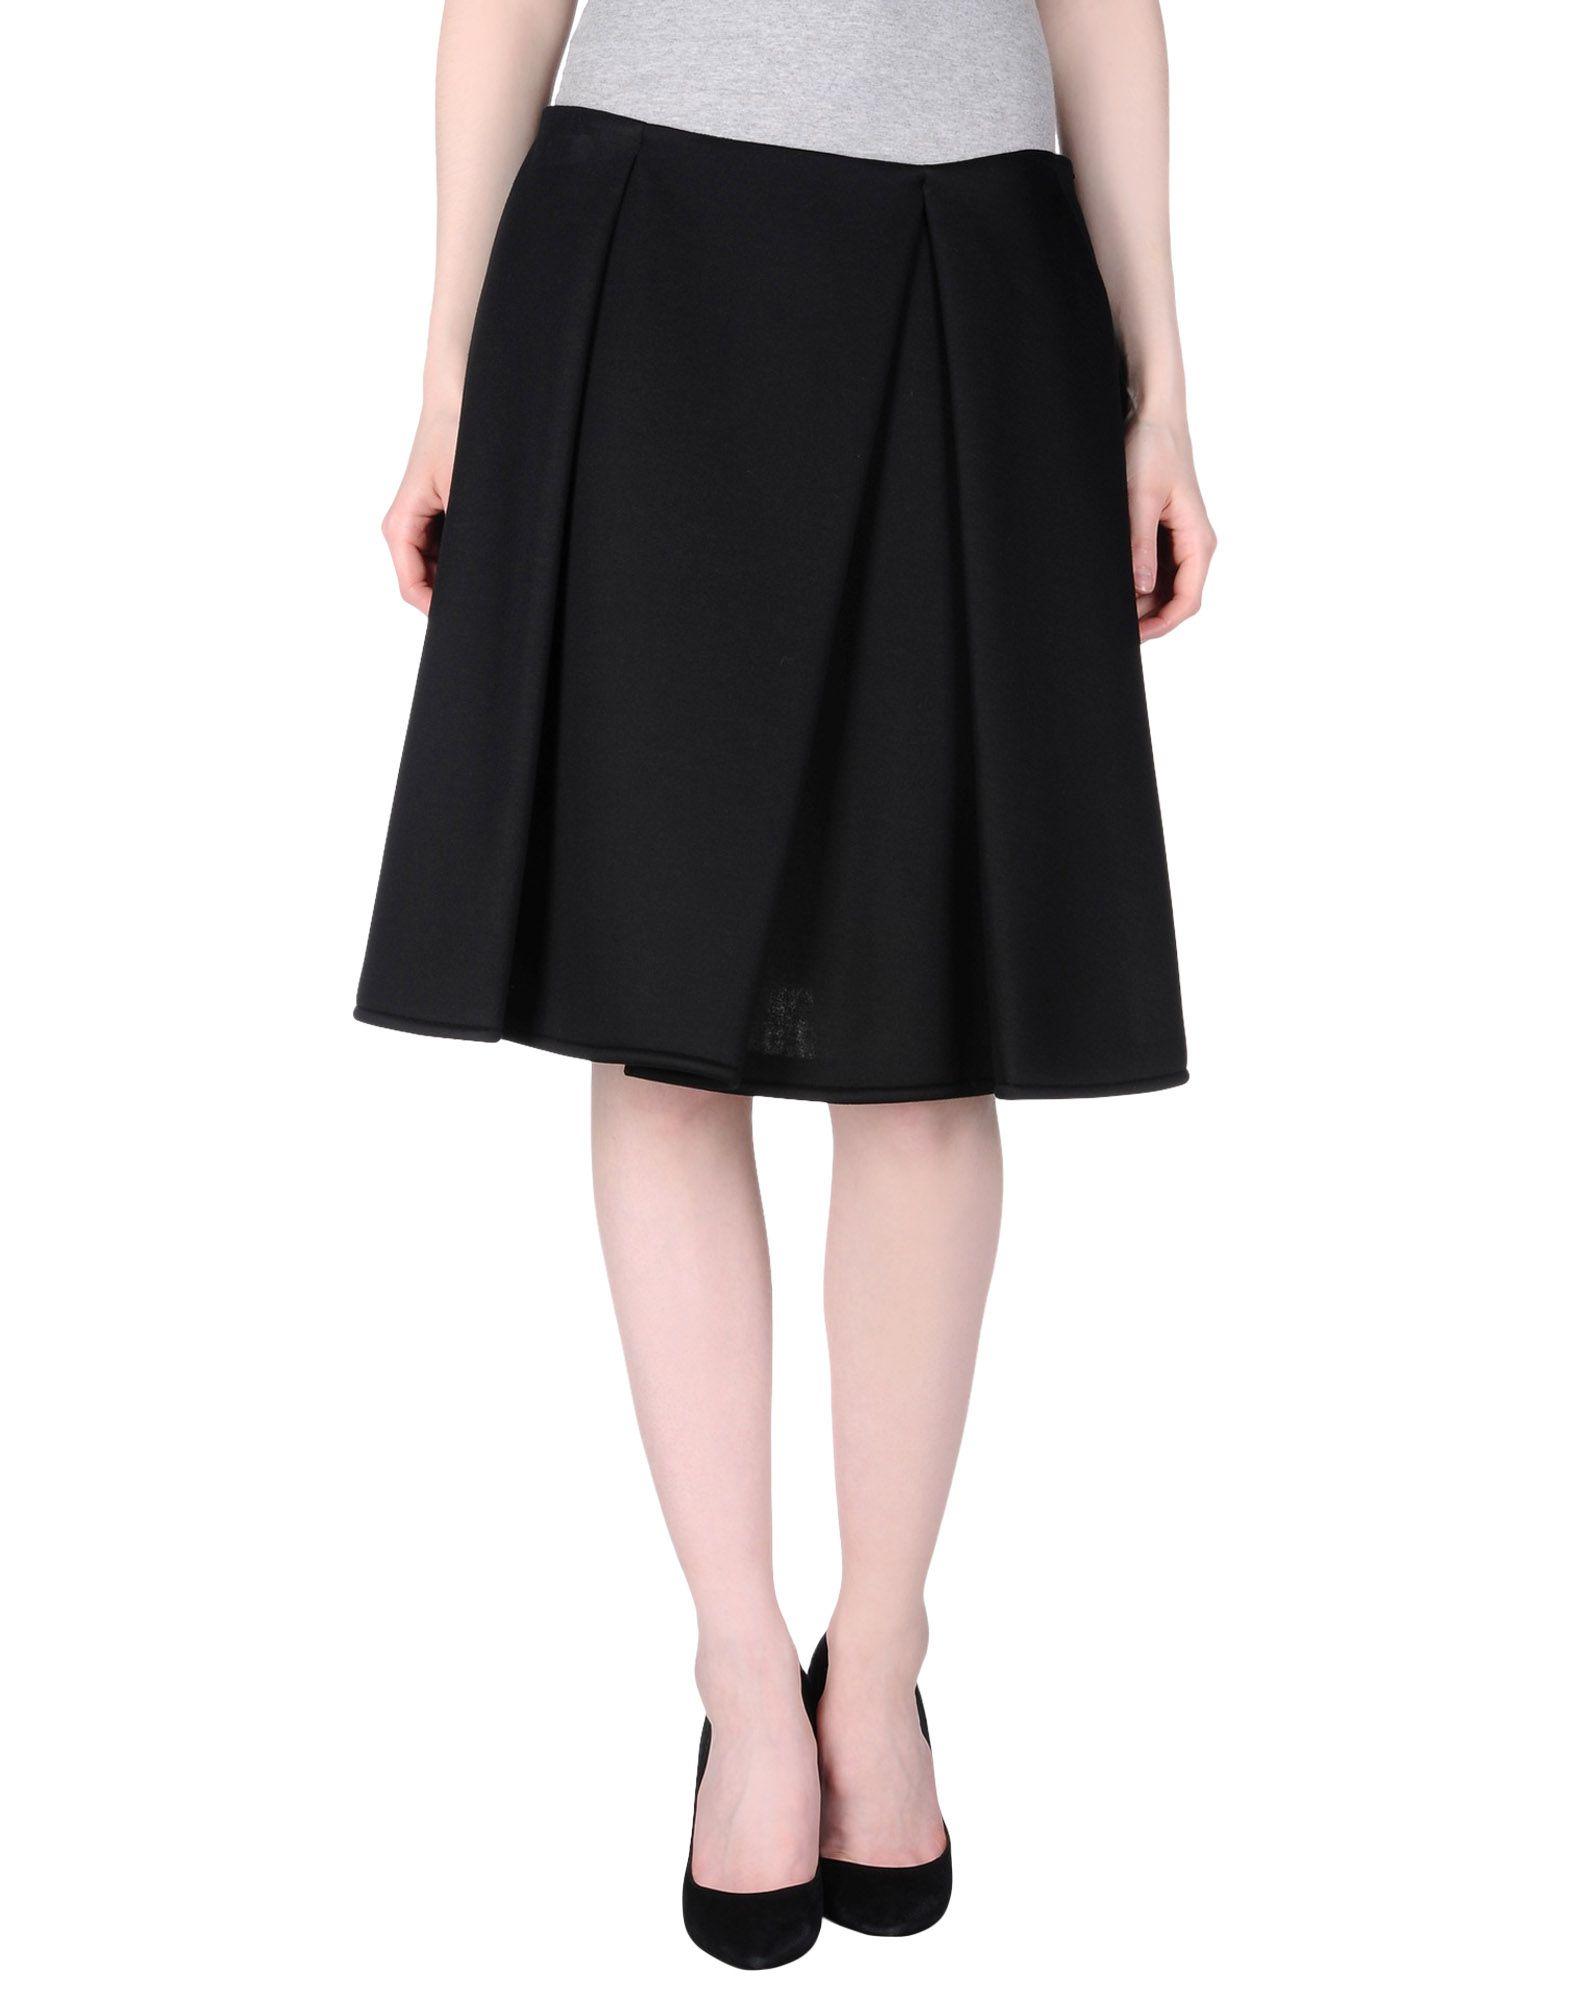 jil sander navy black knee length skirt lyst